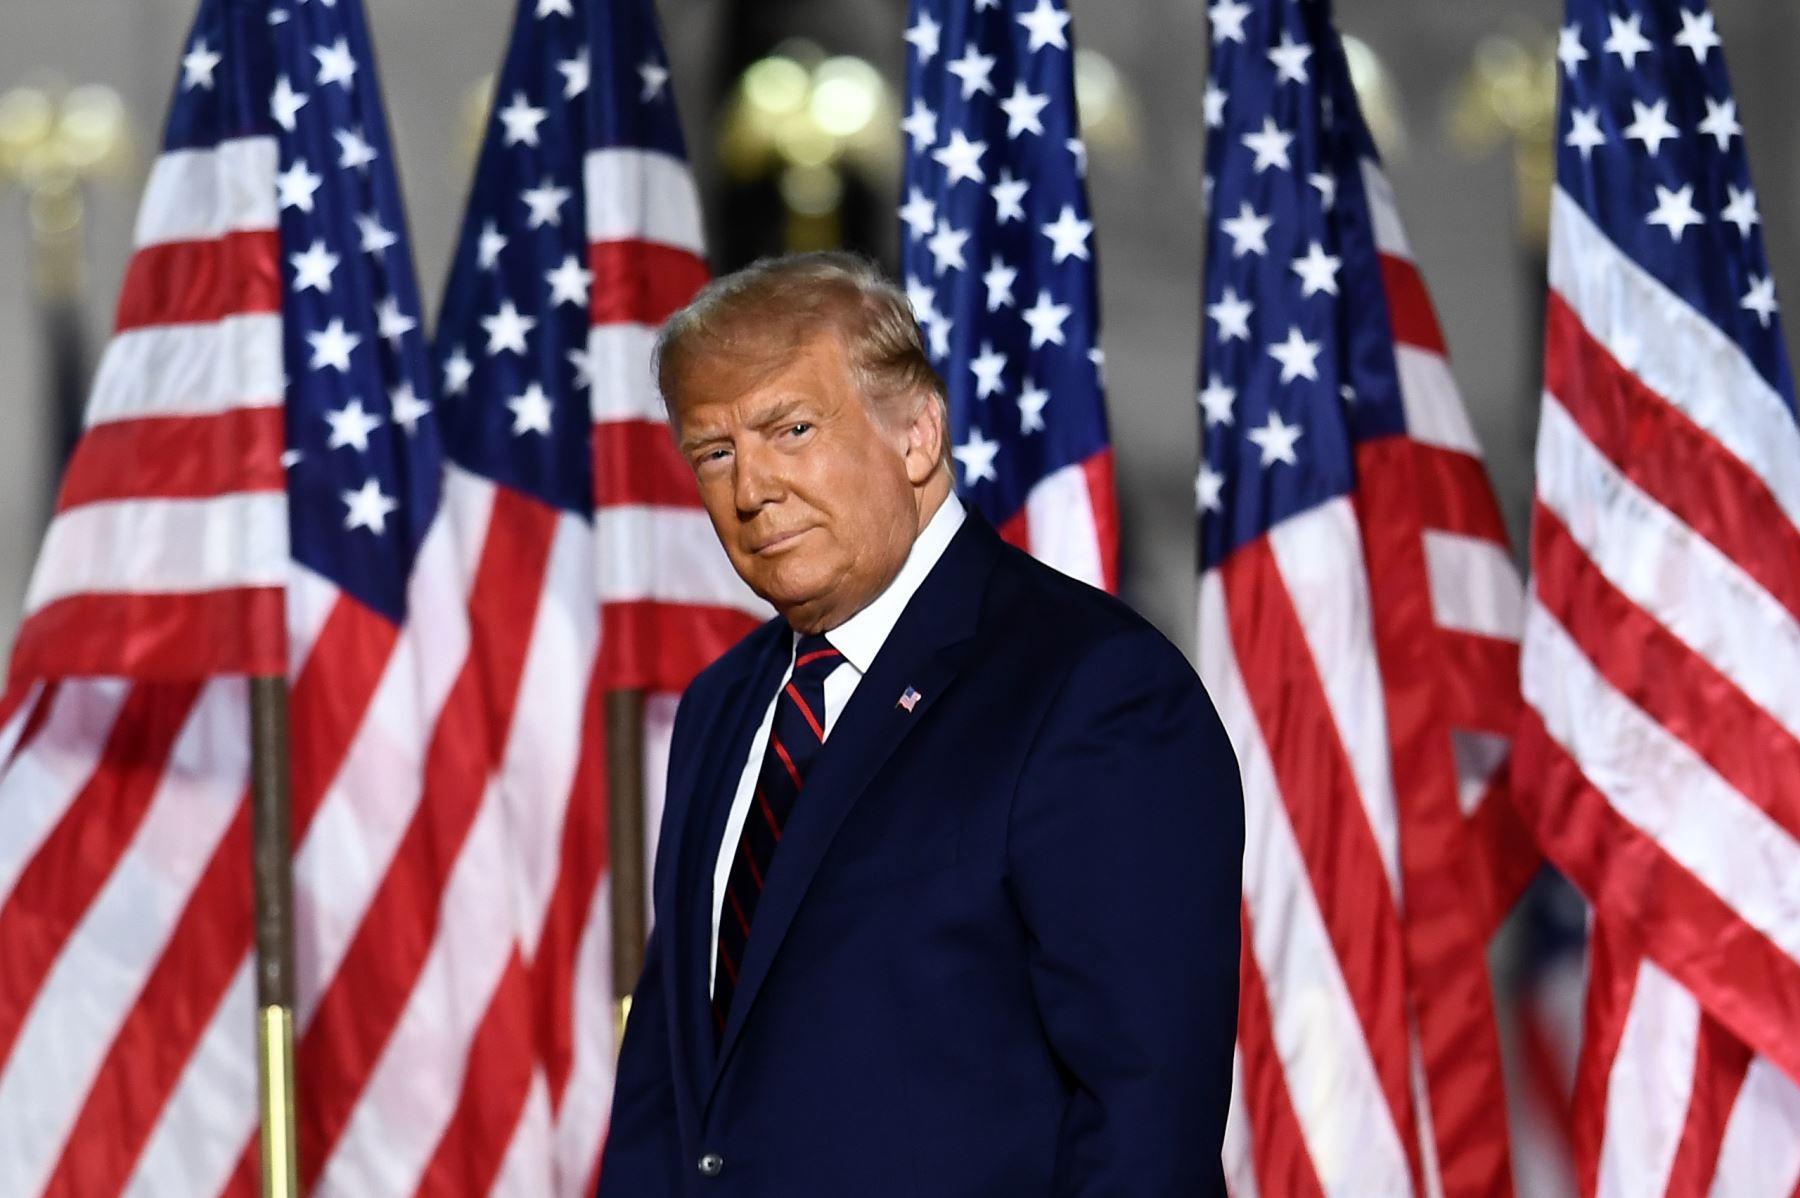 La presidencia de Trump en EEUU: una experiencia cercana a la muerte